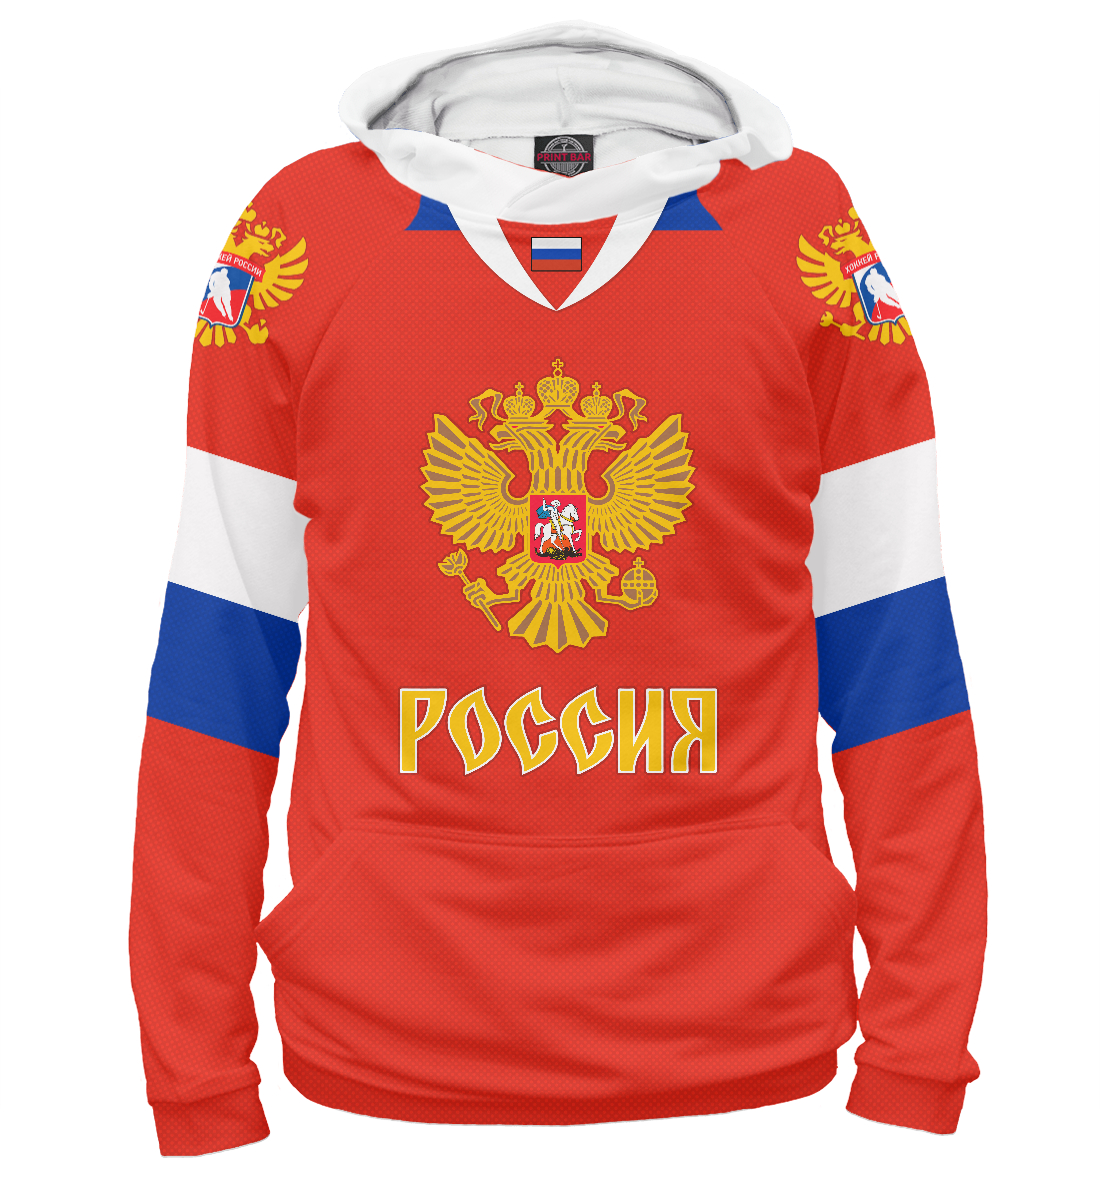 Купить Форма Сборной России по Хоккею 2018, Printbar, Худи, HOK-991657-hud-2